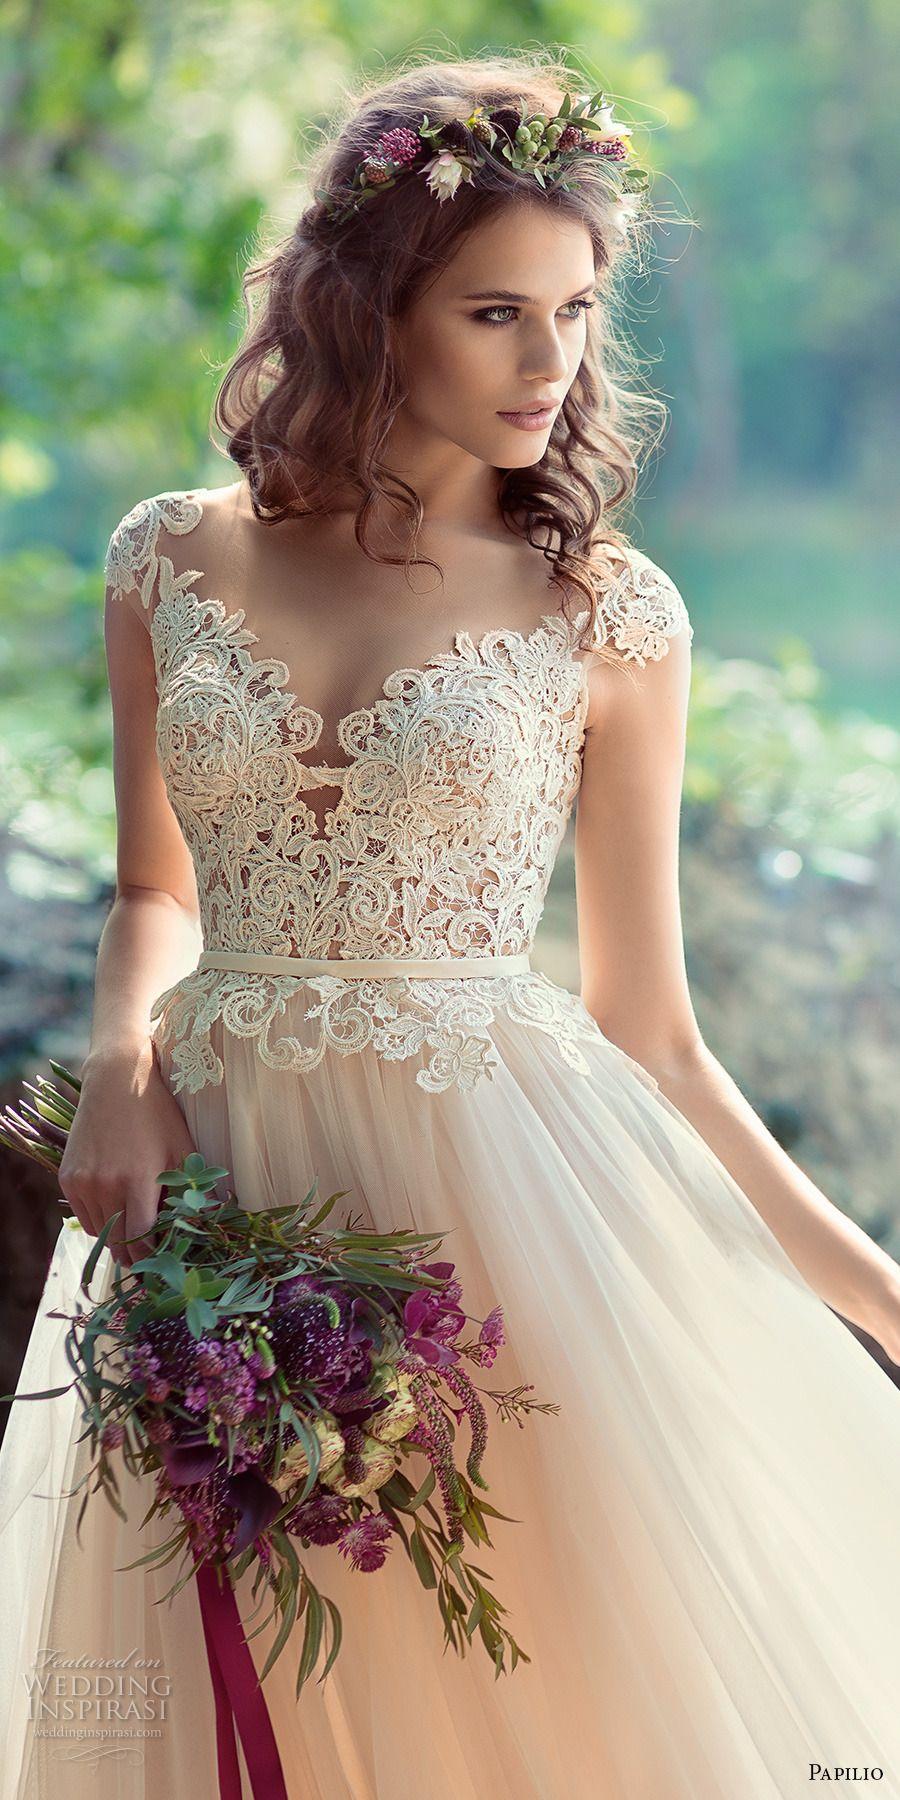 Wedding Inspirasi @ Tumblr | HERMOSAS NOVIAS | Pinterest ...